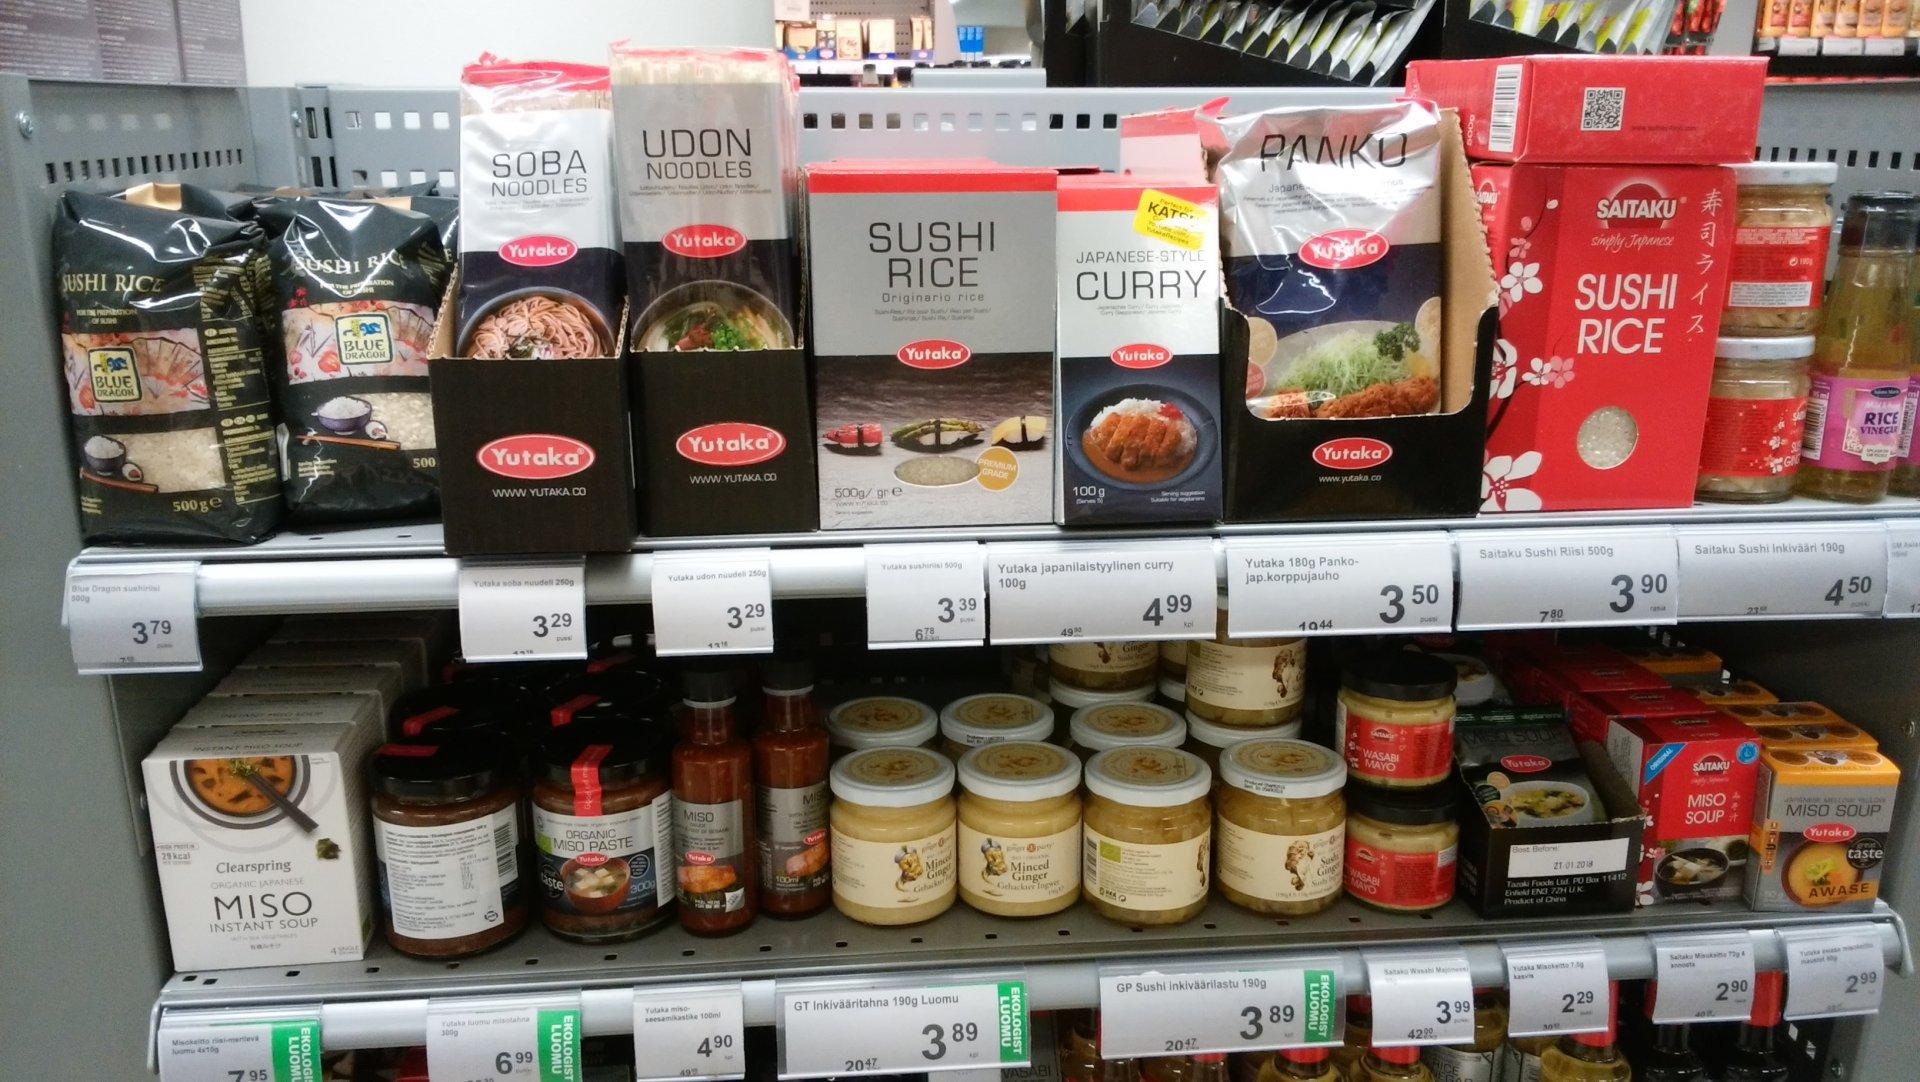 フィンランドのスーパーで見かけた日本食。スシライス、ウドンヌードル、ミソなどと買いてある